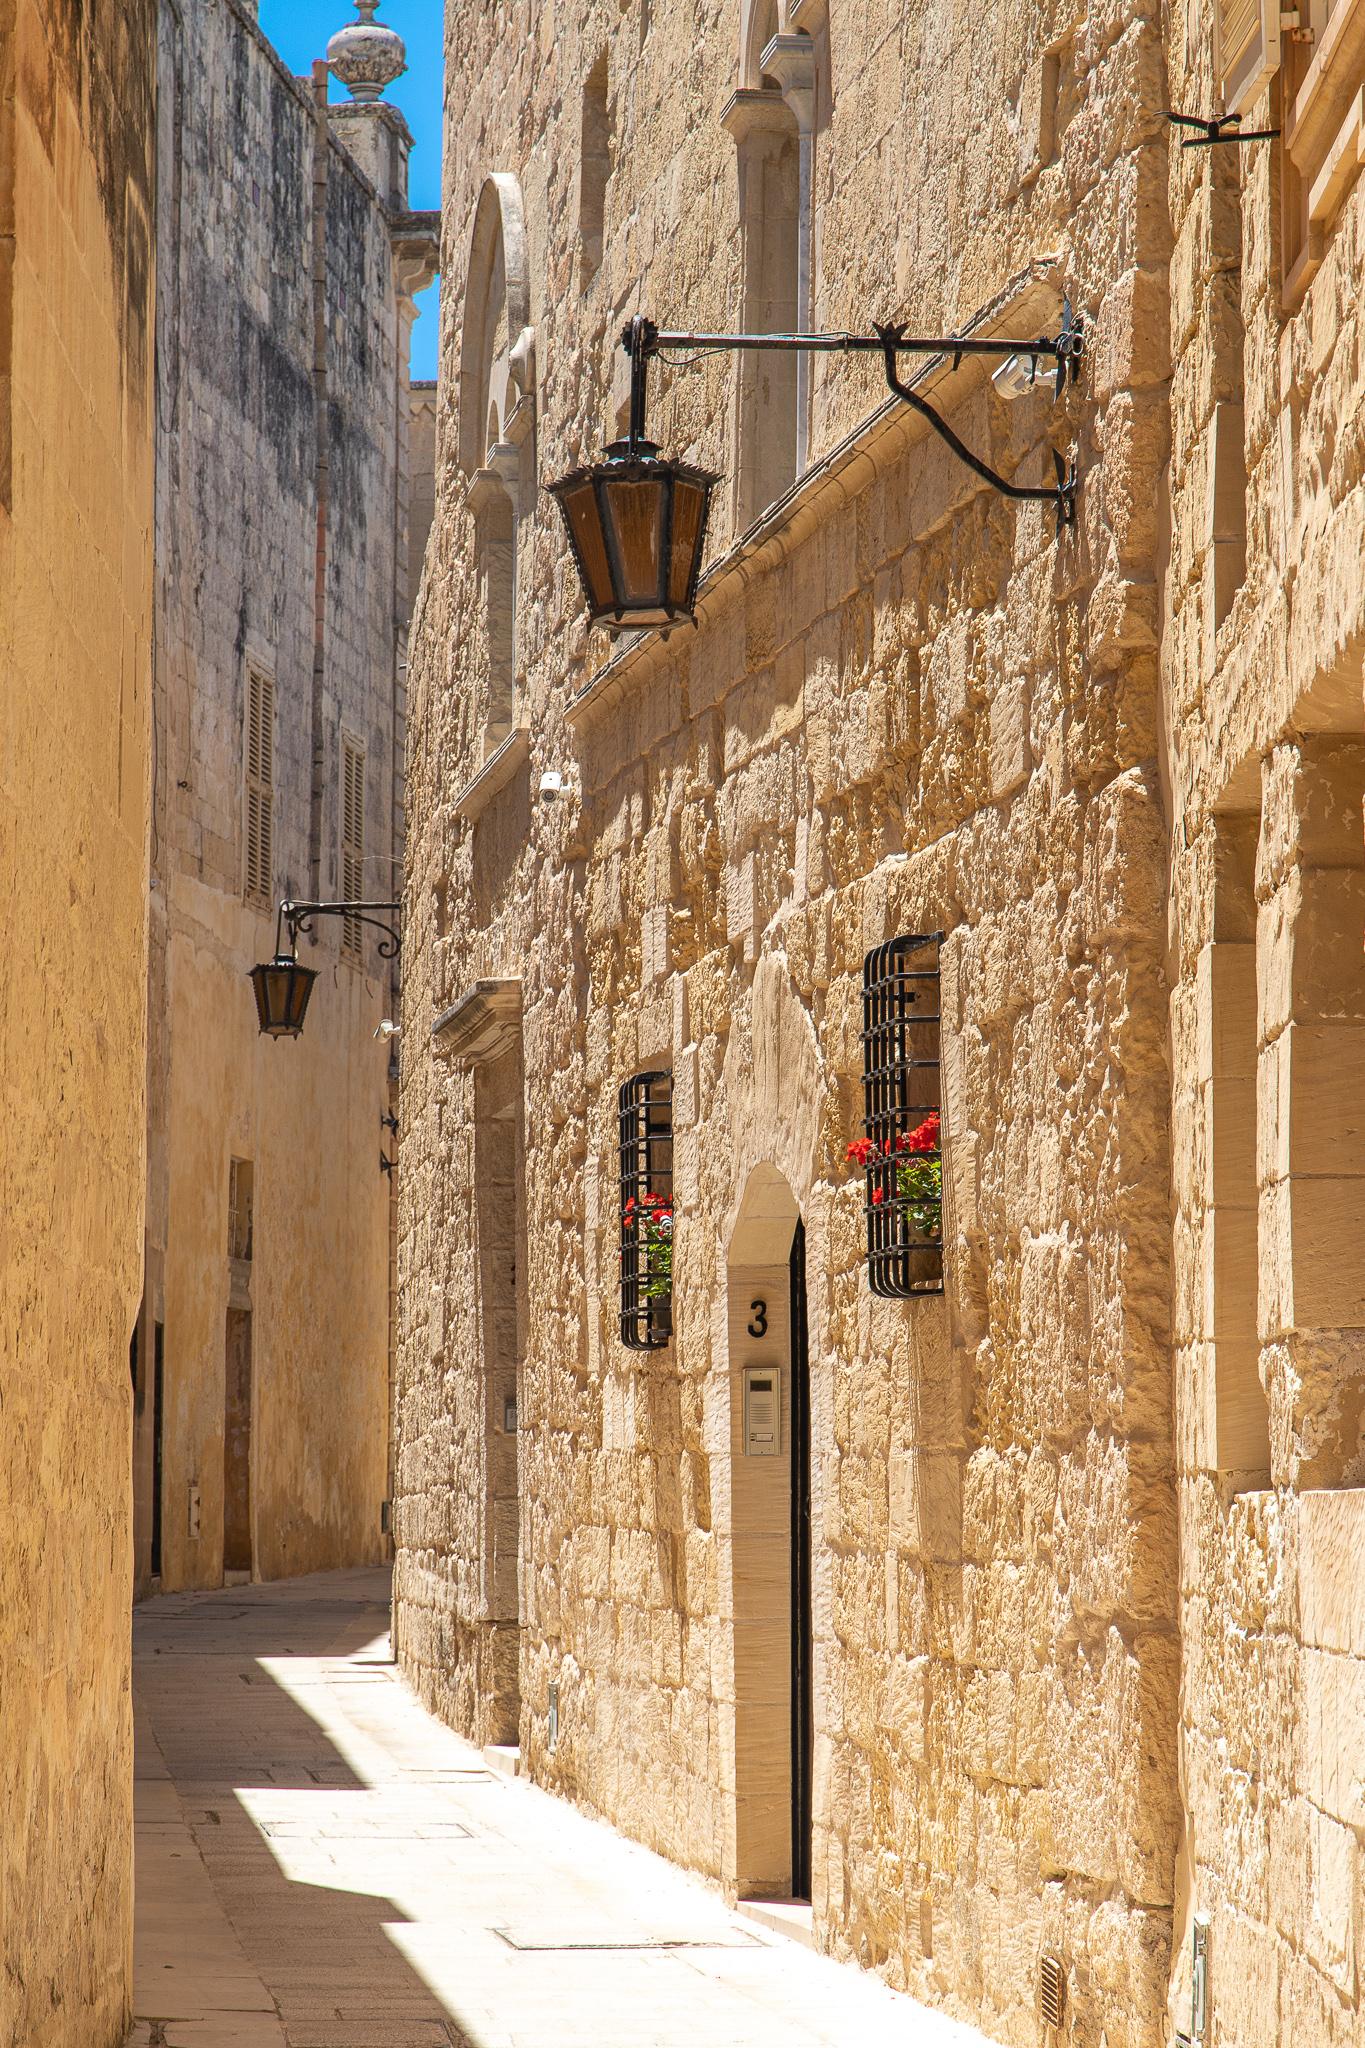 Quiet winding alleyways